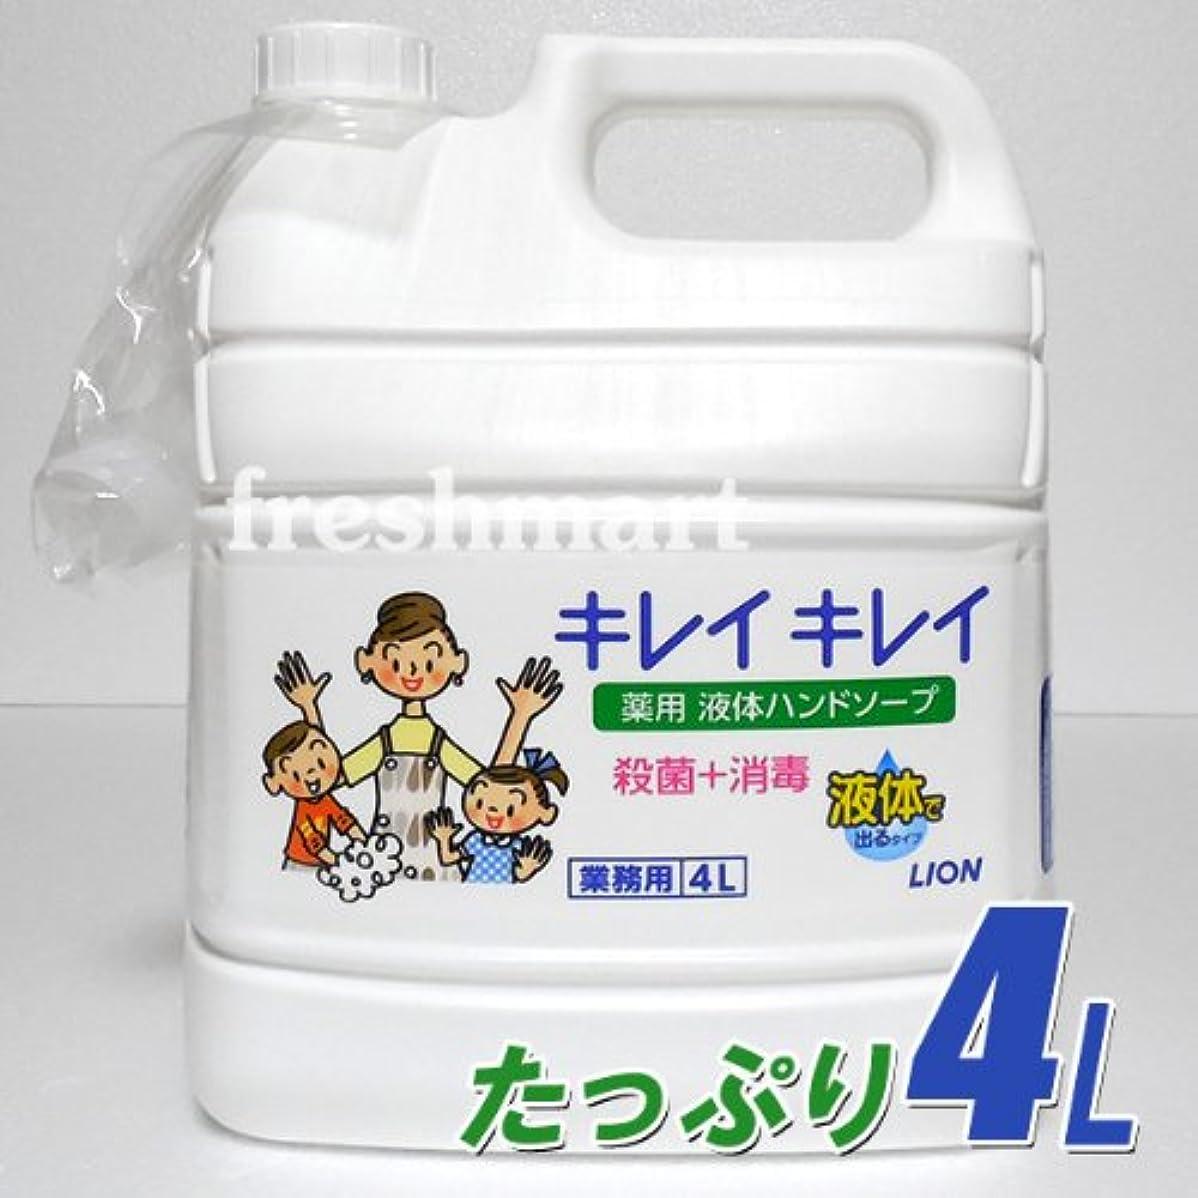 貫入しない丘☆100%植物性洗浄成分使用☆ ライオン キレイキレイ 薬用液体ハンドソープ つめかえ用4L 業務用 大容量 ボトル